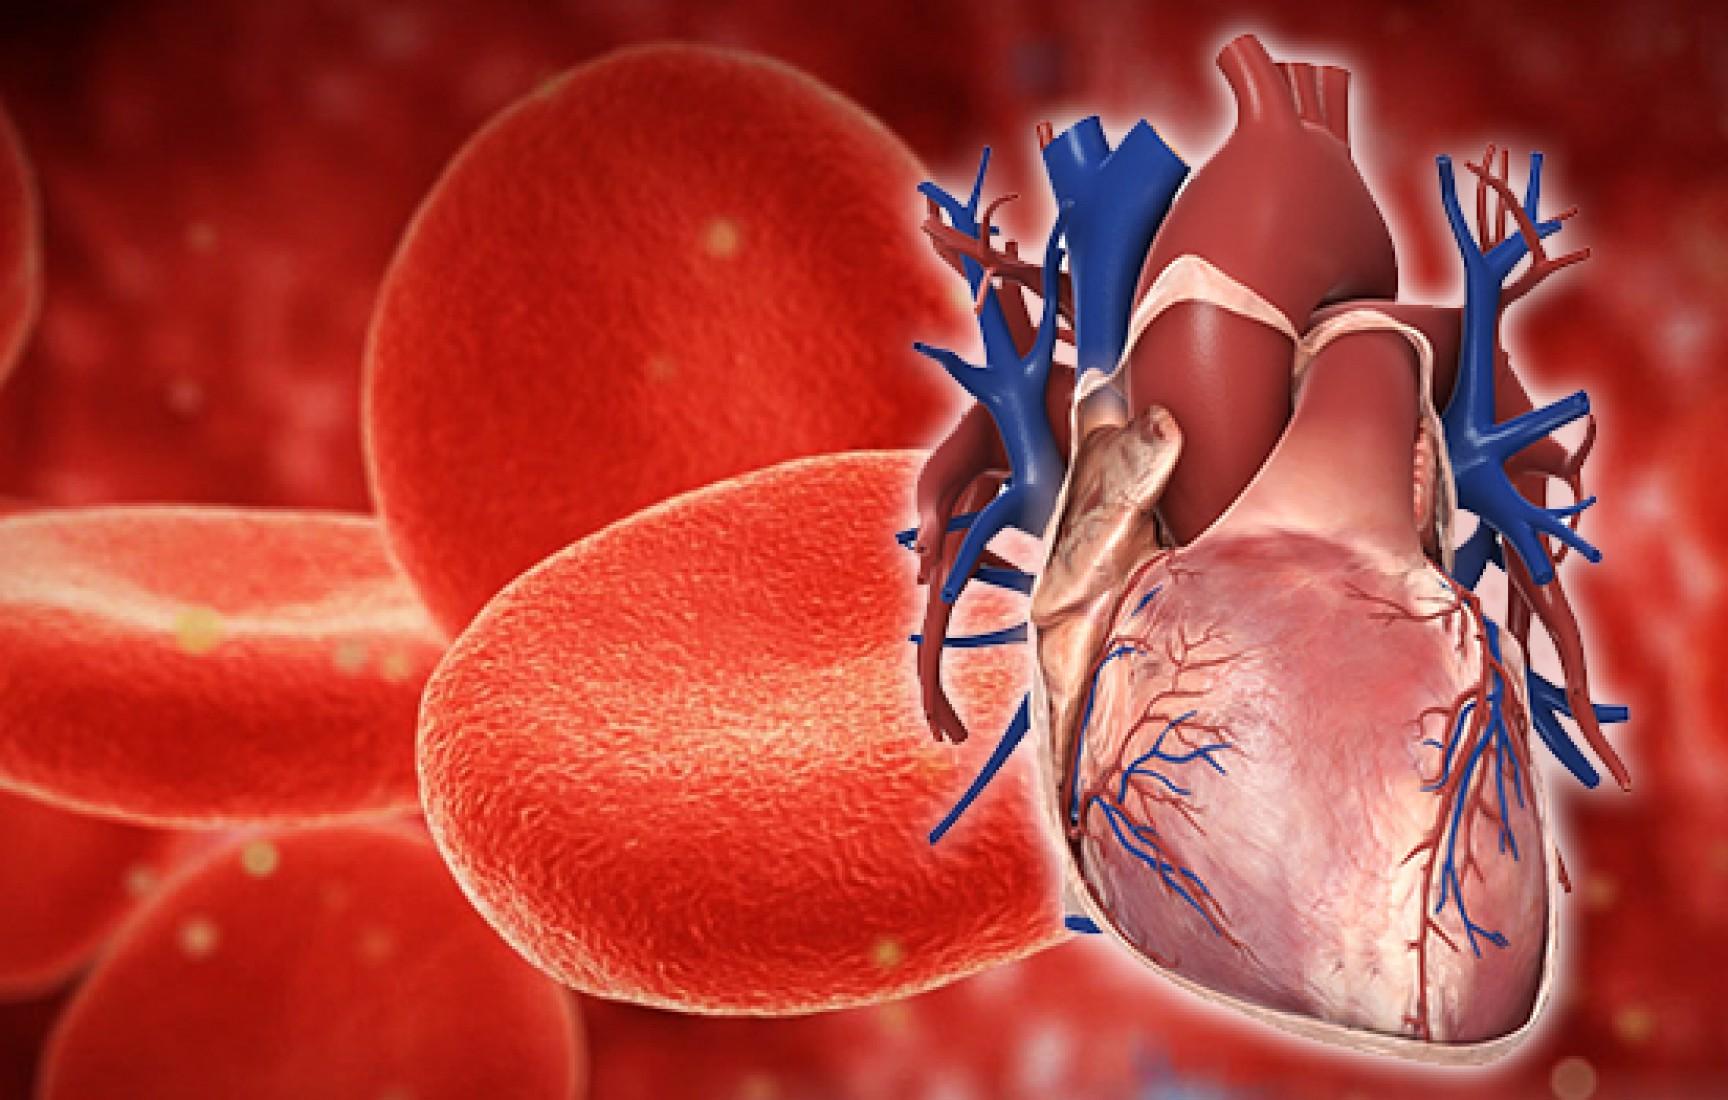 Kanda Hastalık Nasıl Saptanır?